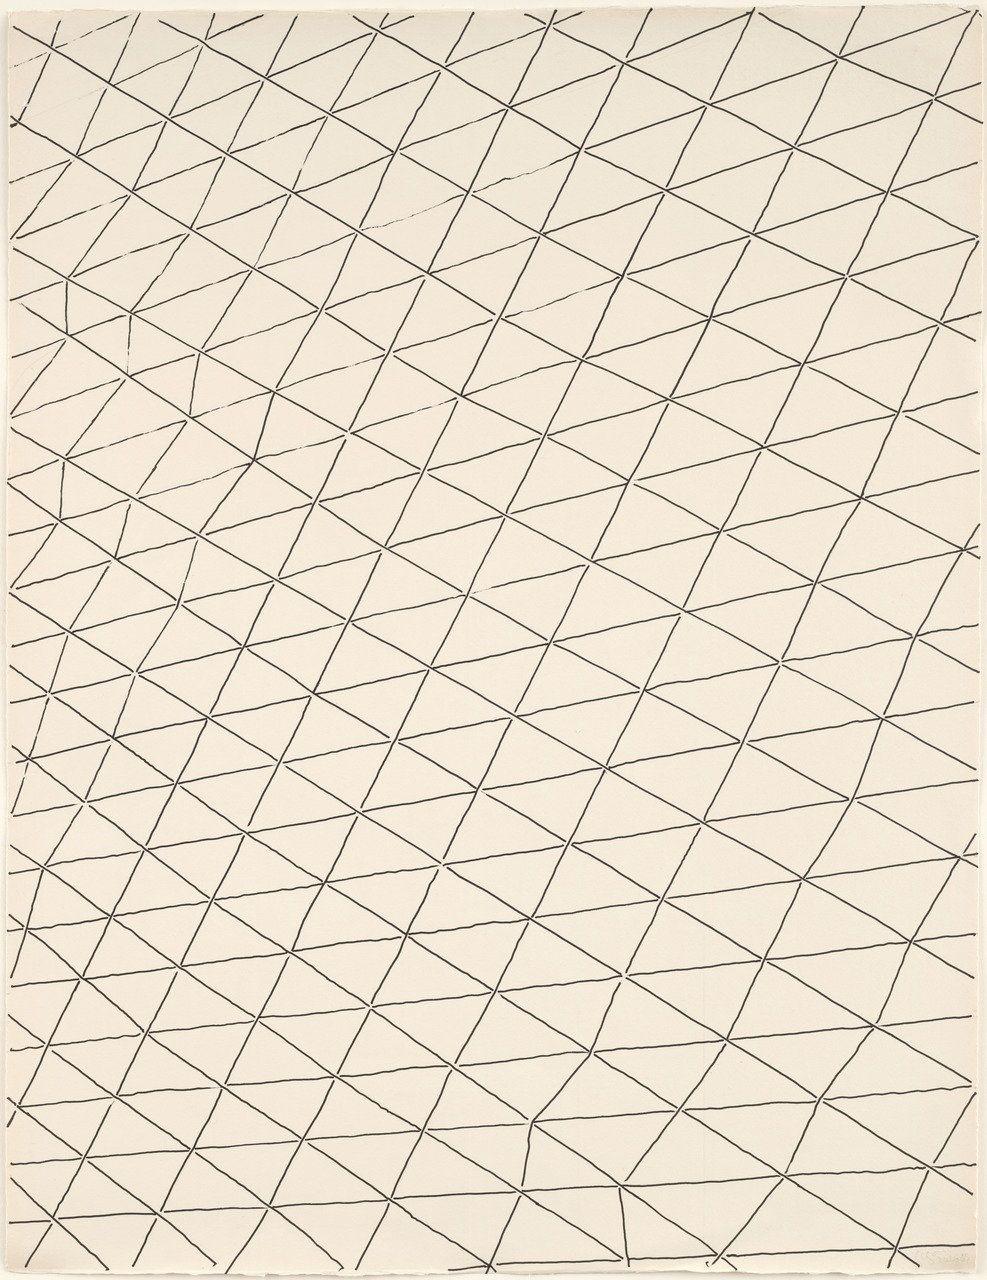 Gego (Gertrud Goldschmidt). Untitled. 1969